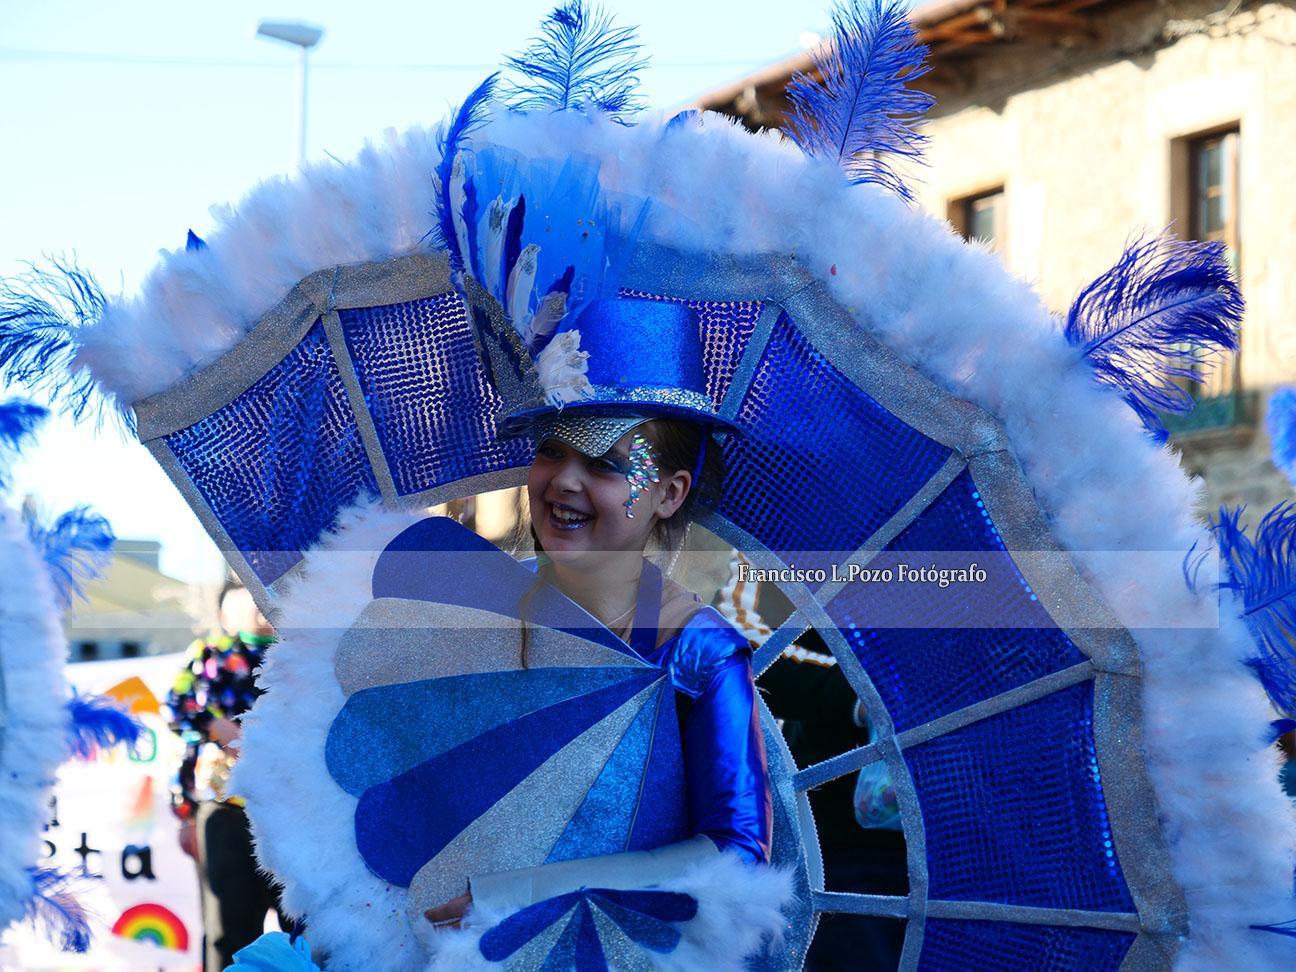 Carnaval 2020: Camponaraya sale a la calle a ritmo de comparsa 13